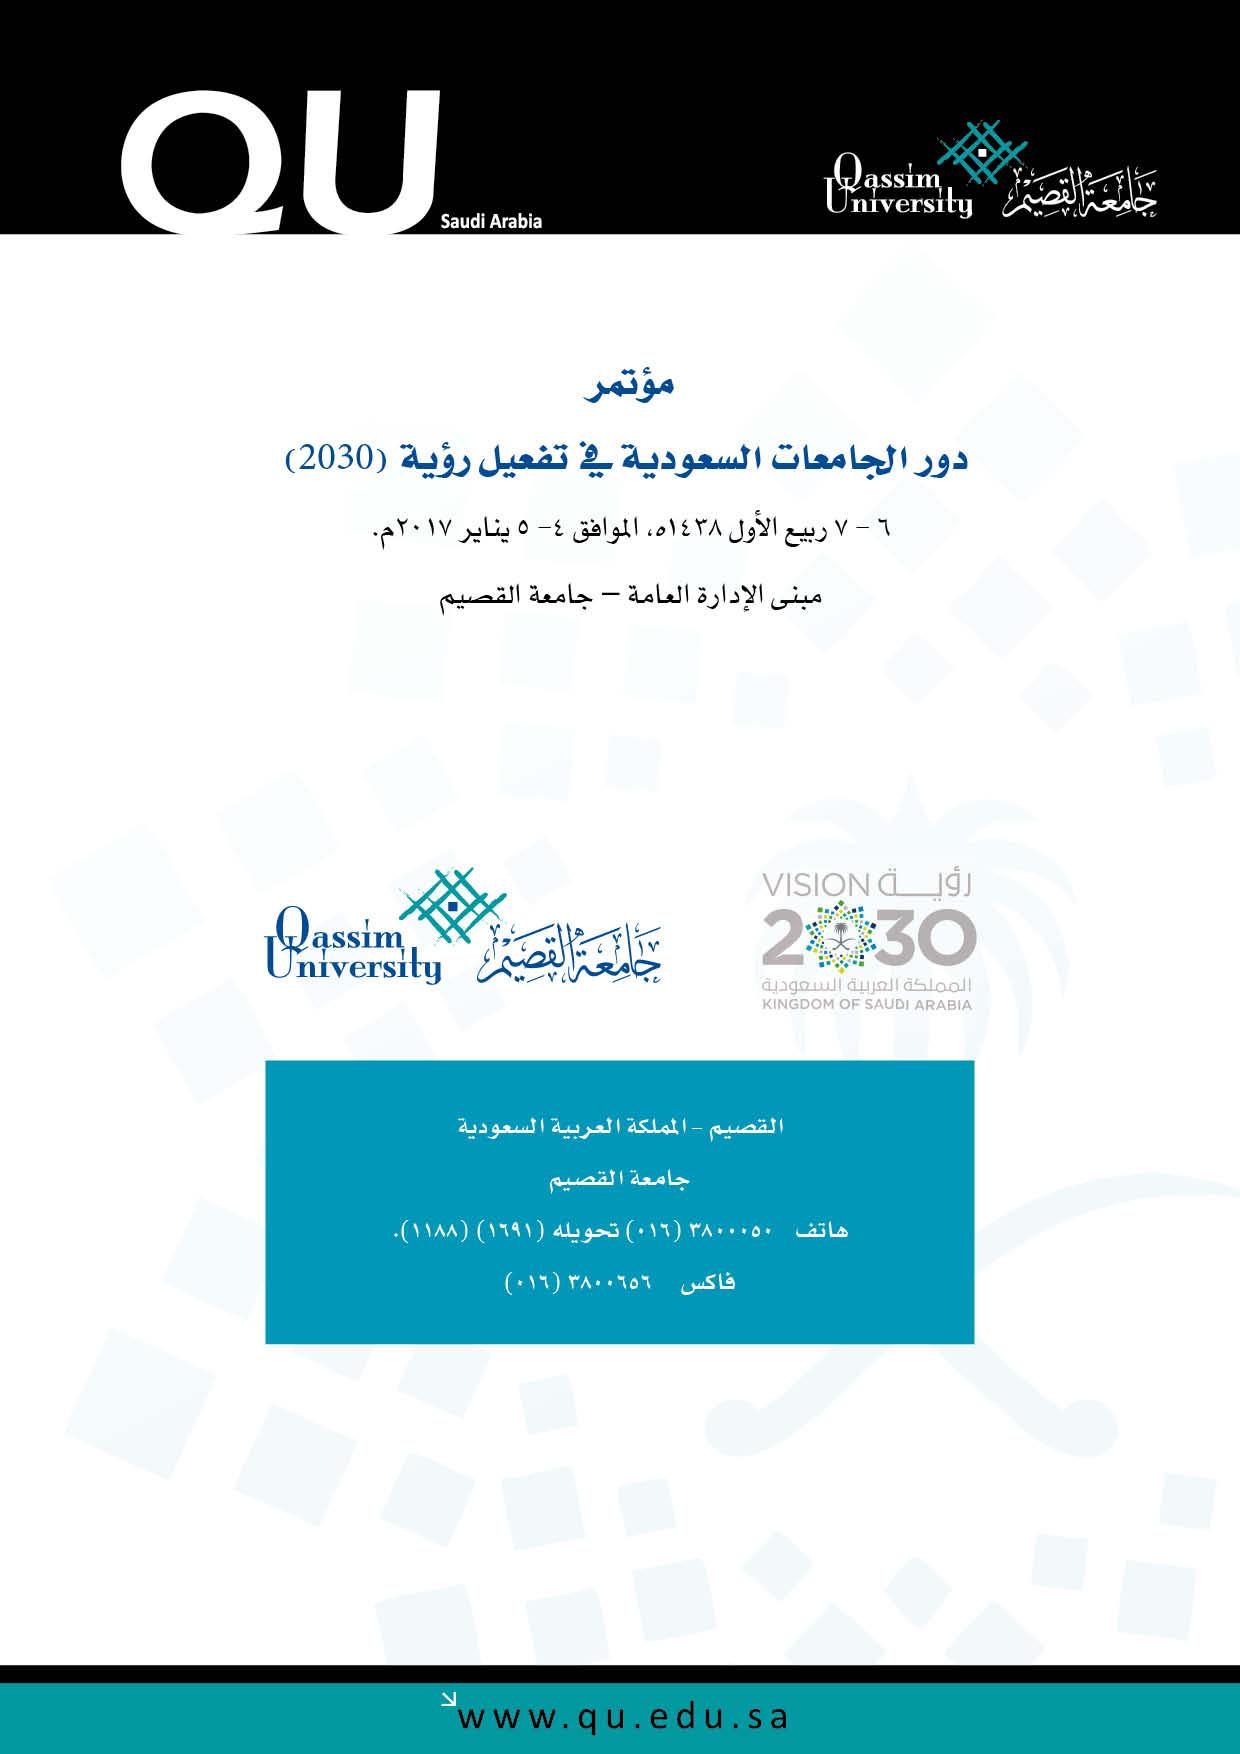 دور الجامعات السعودية فى تفعيل رؤية 2030 جامعة القصيم